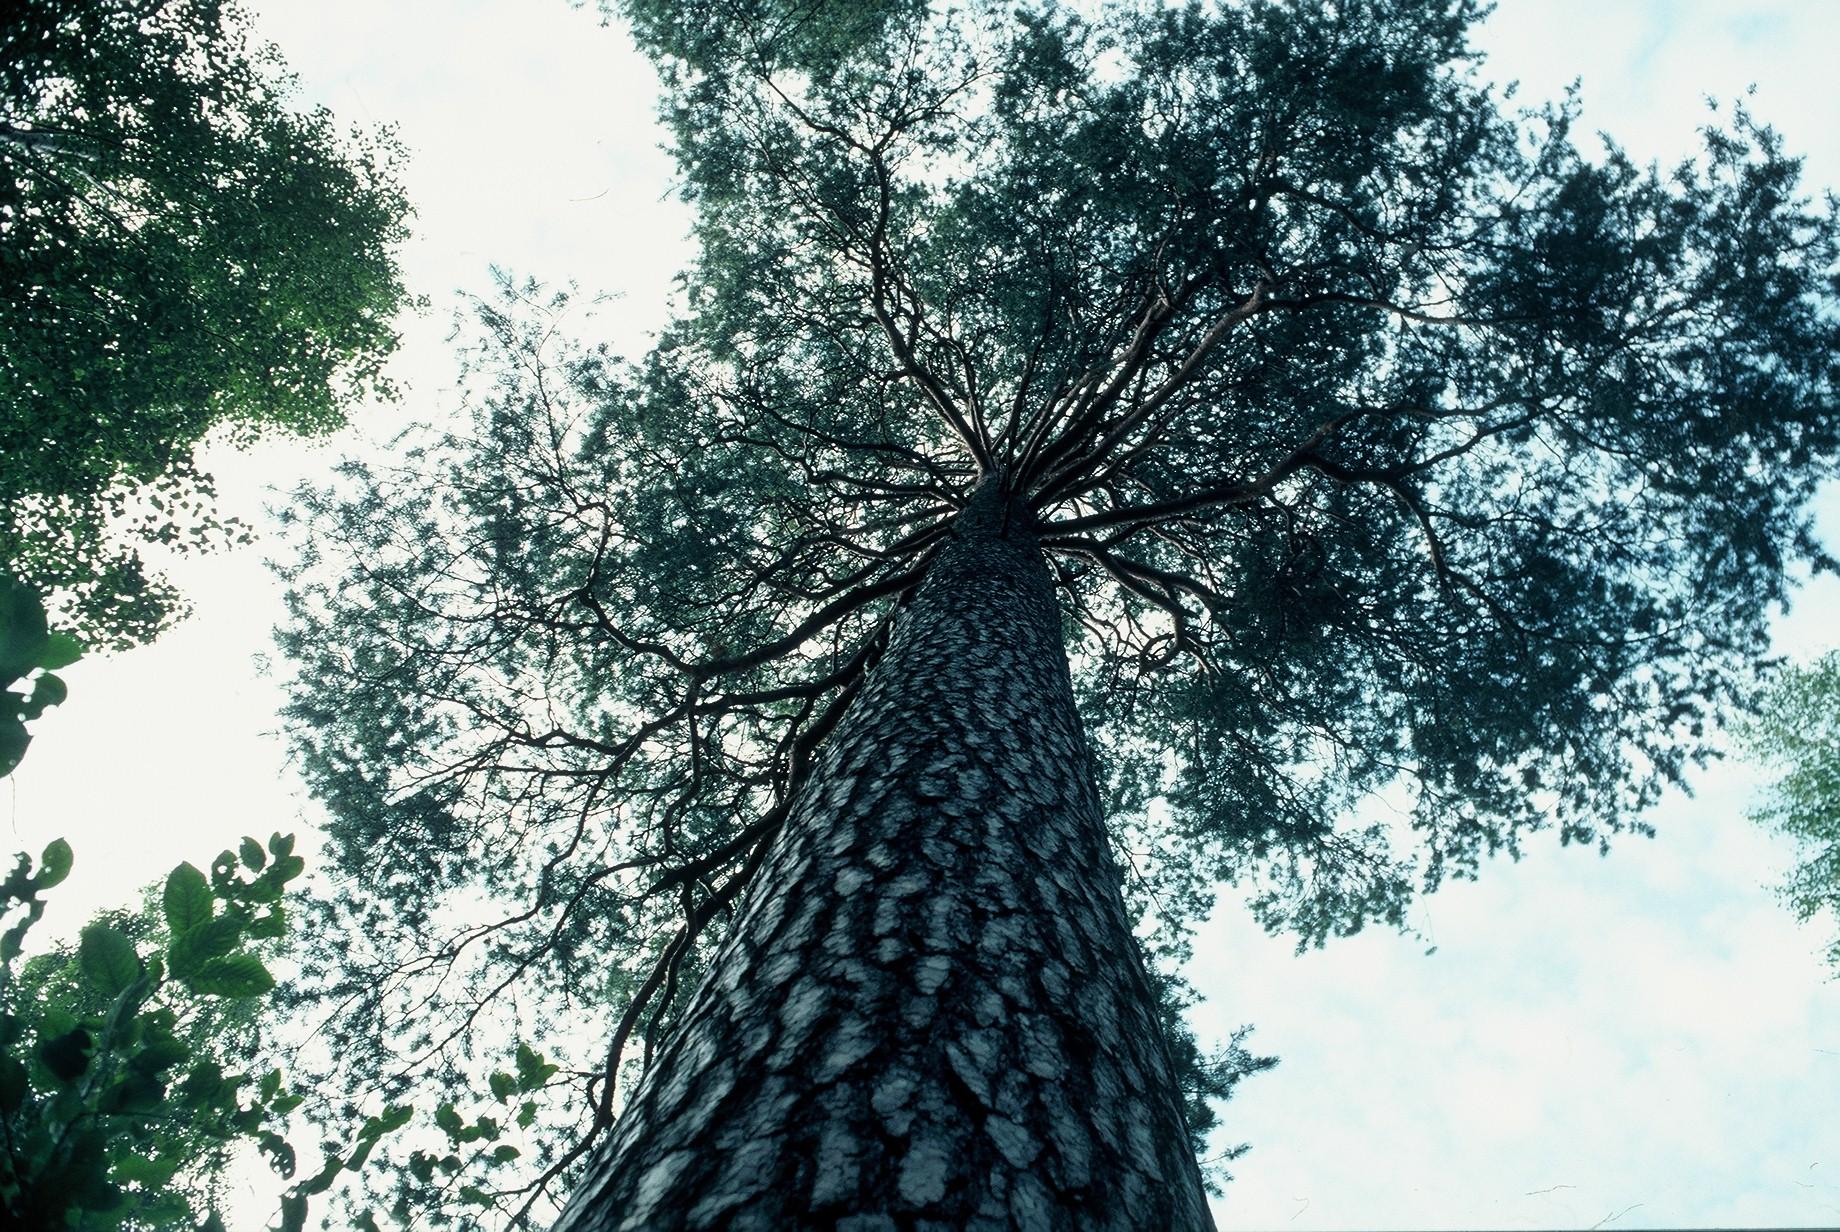 Luonnonmuistomerkki, mänty, Kokkila, kuva Lohjan ympäristönsuojelu.